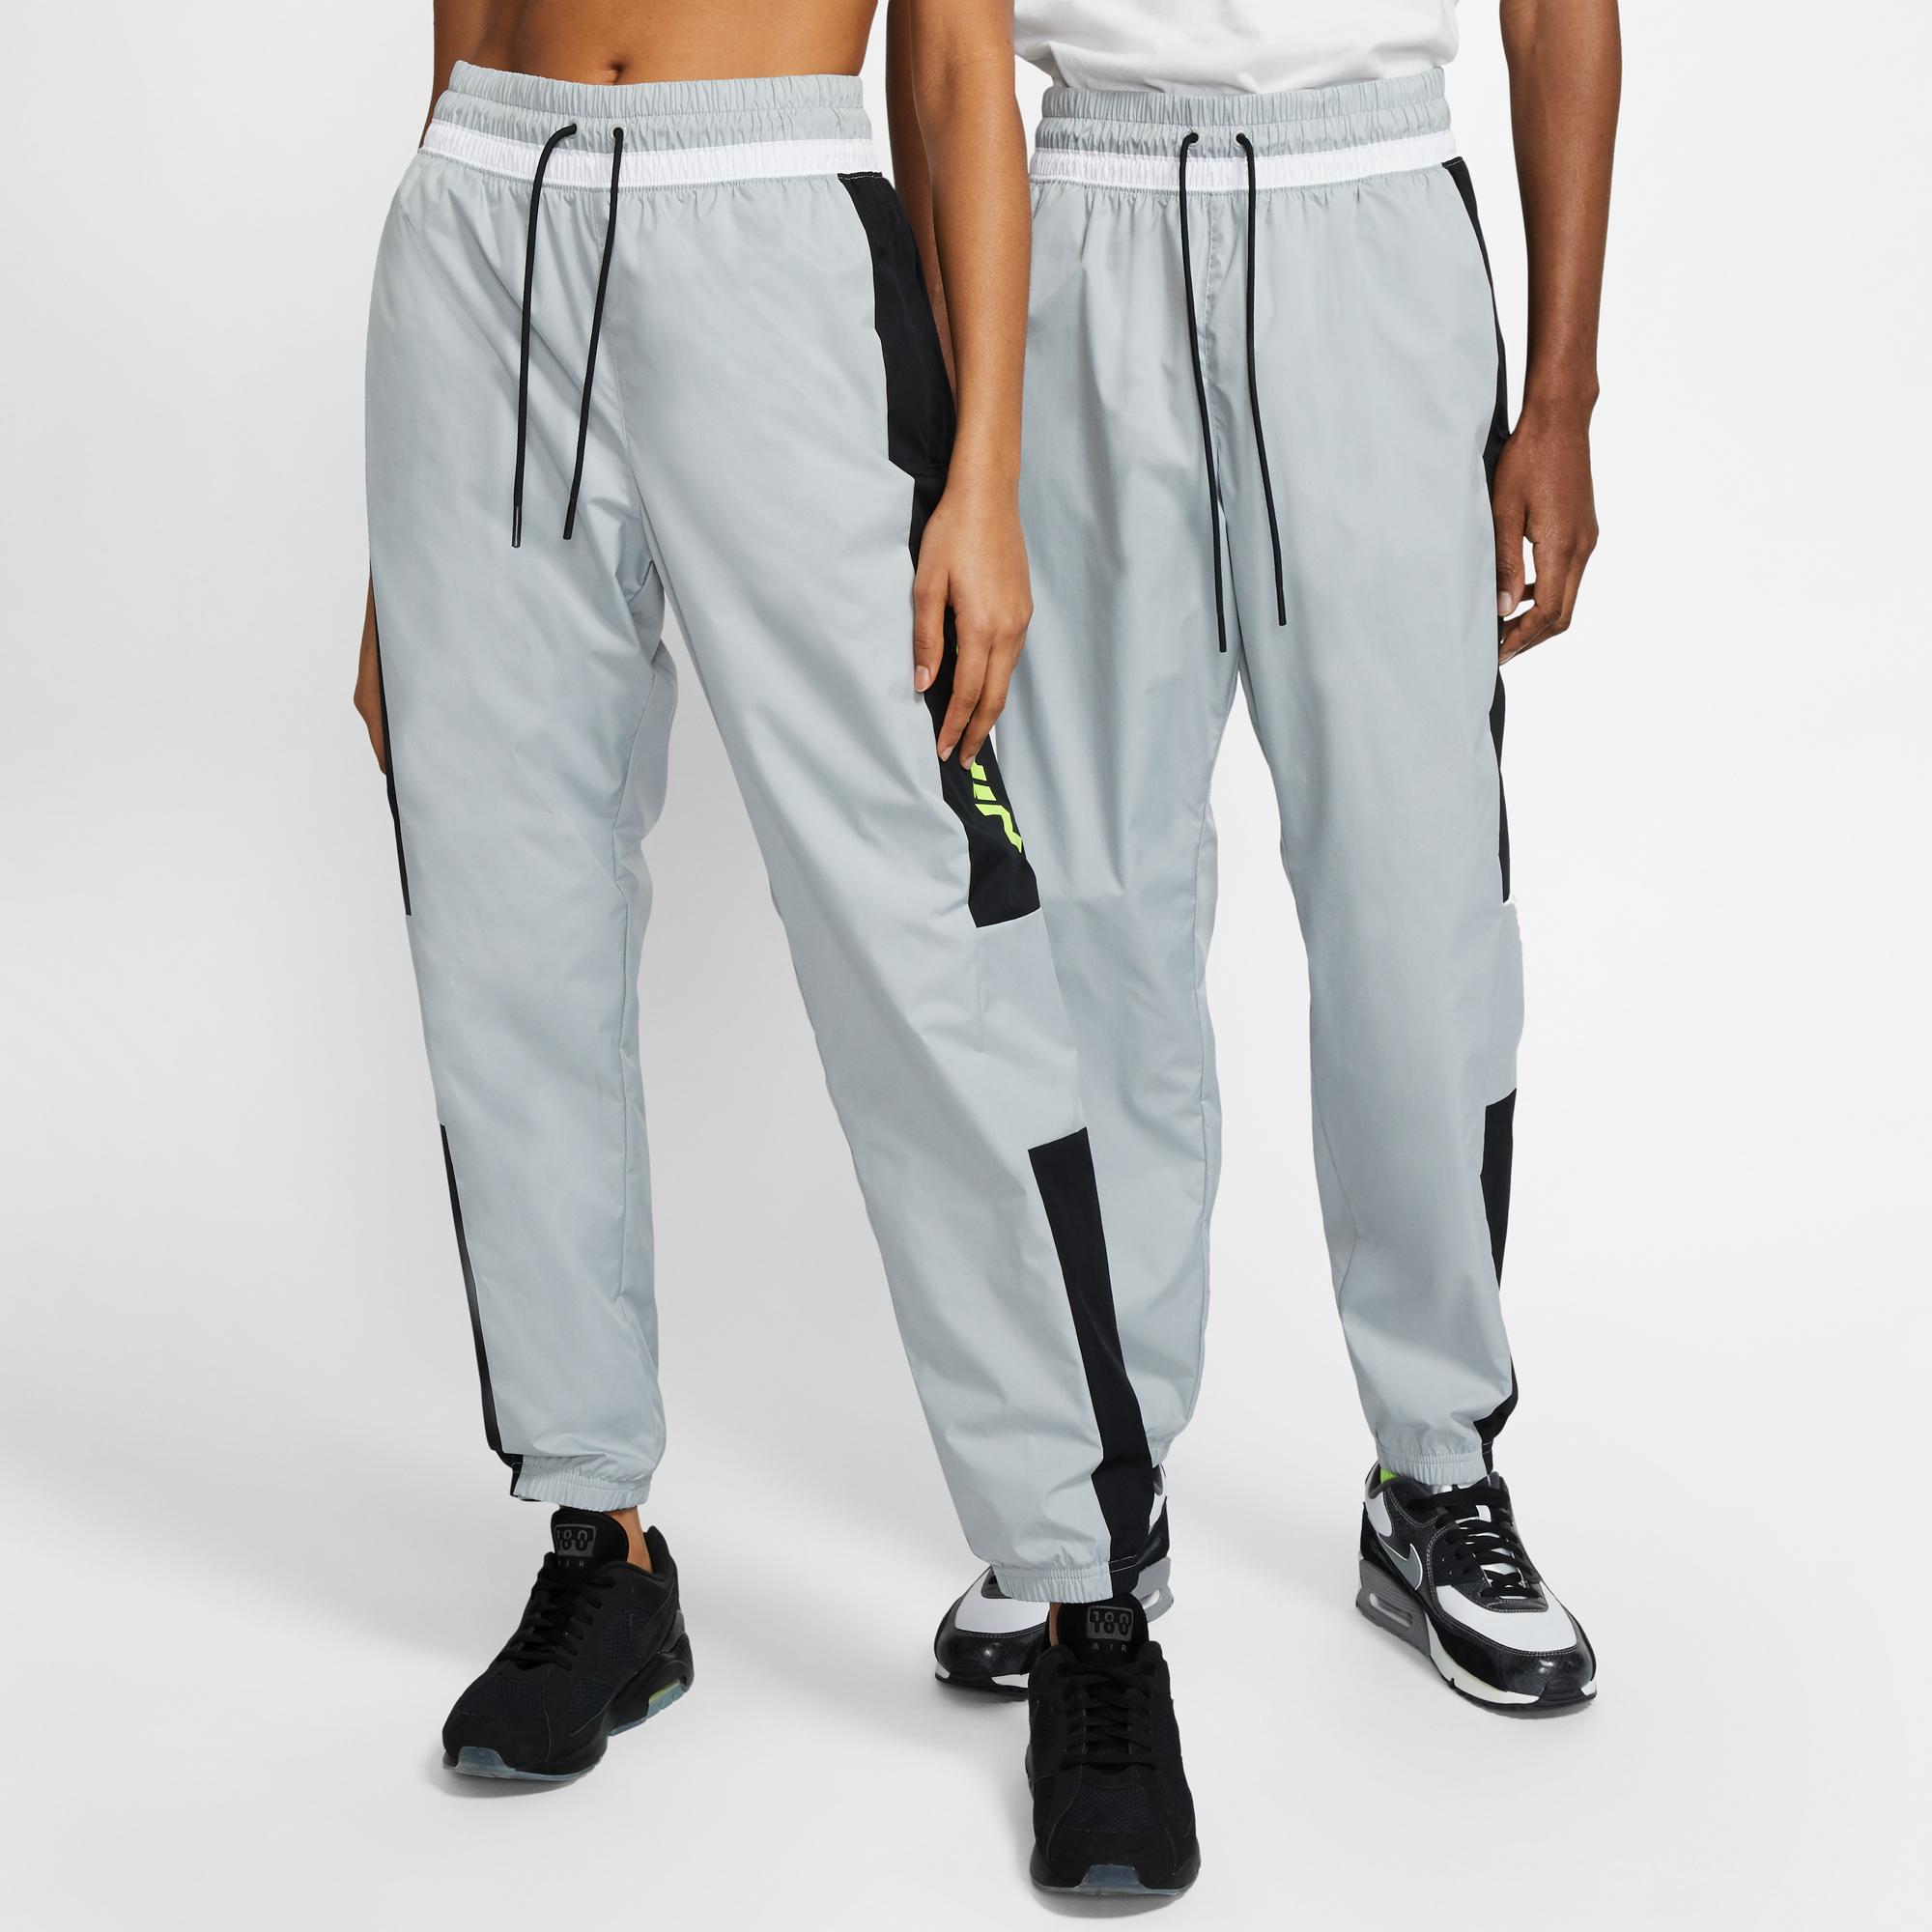 Nike Sportswear Air Erkek Gri Eşofman Altı